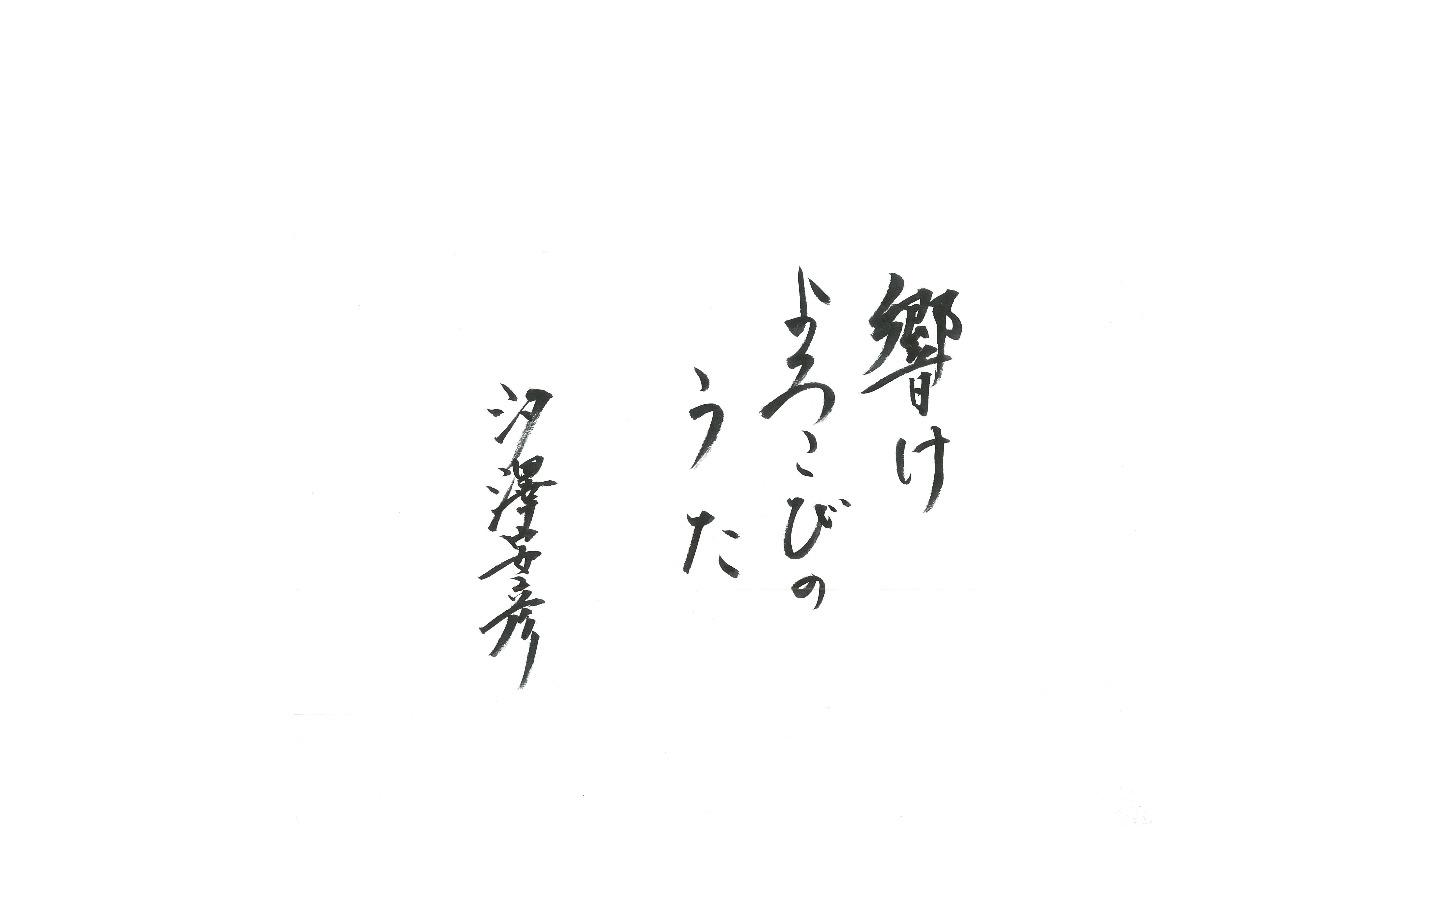 汐澤先生直筆メッセージ (1)_edited